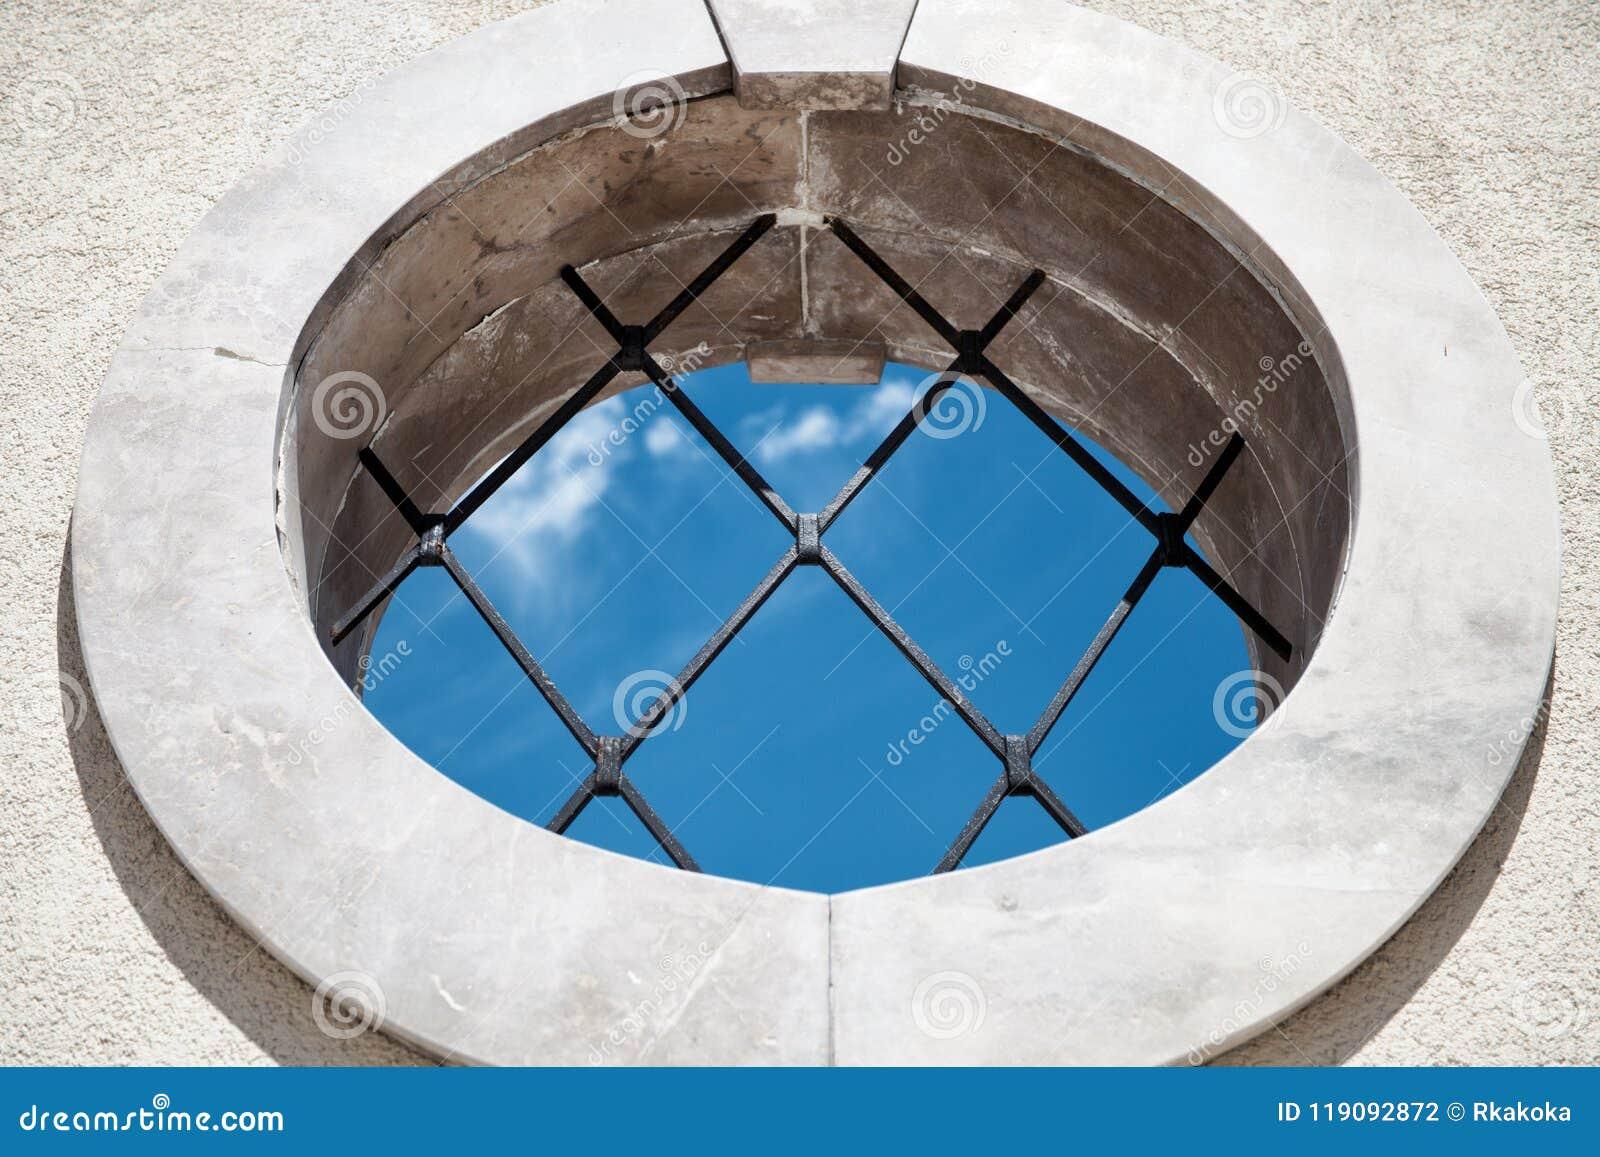 Rond middeleeuws venster met mening van de bars de blauwe hemel - Abstracte Conceptenachtergrond - binnen in openlucht Concept -